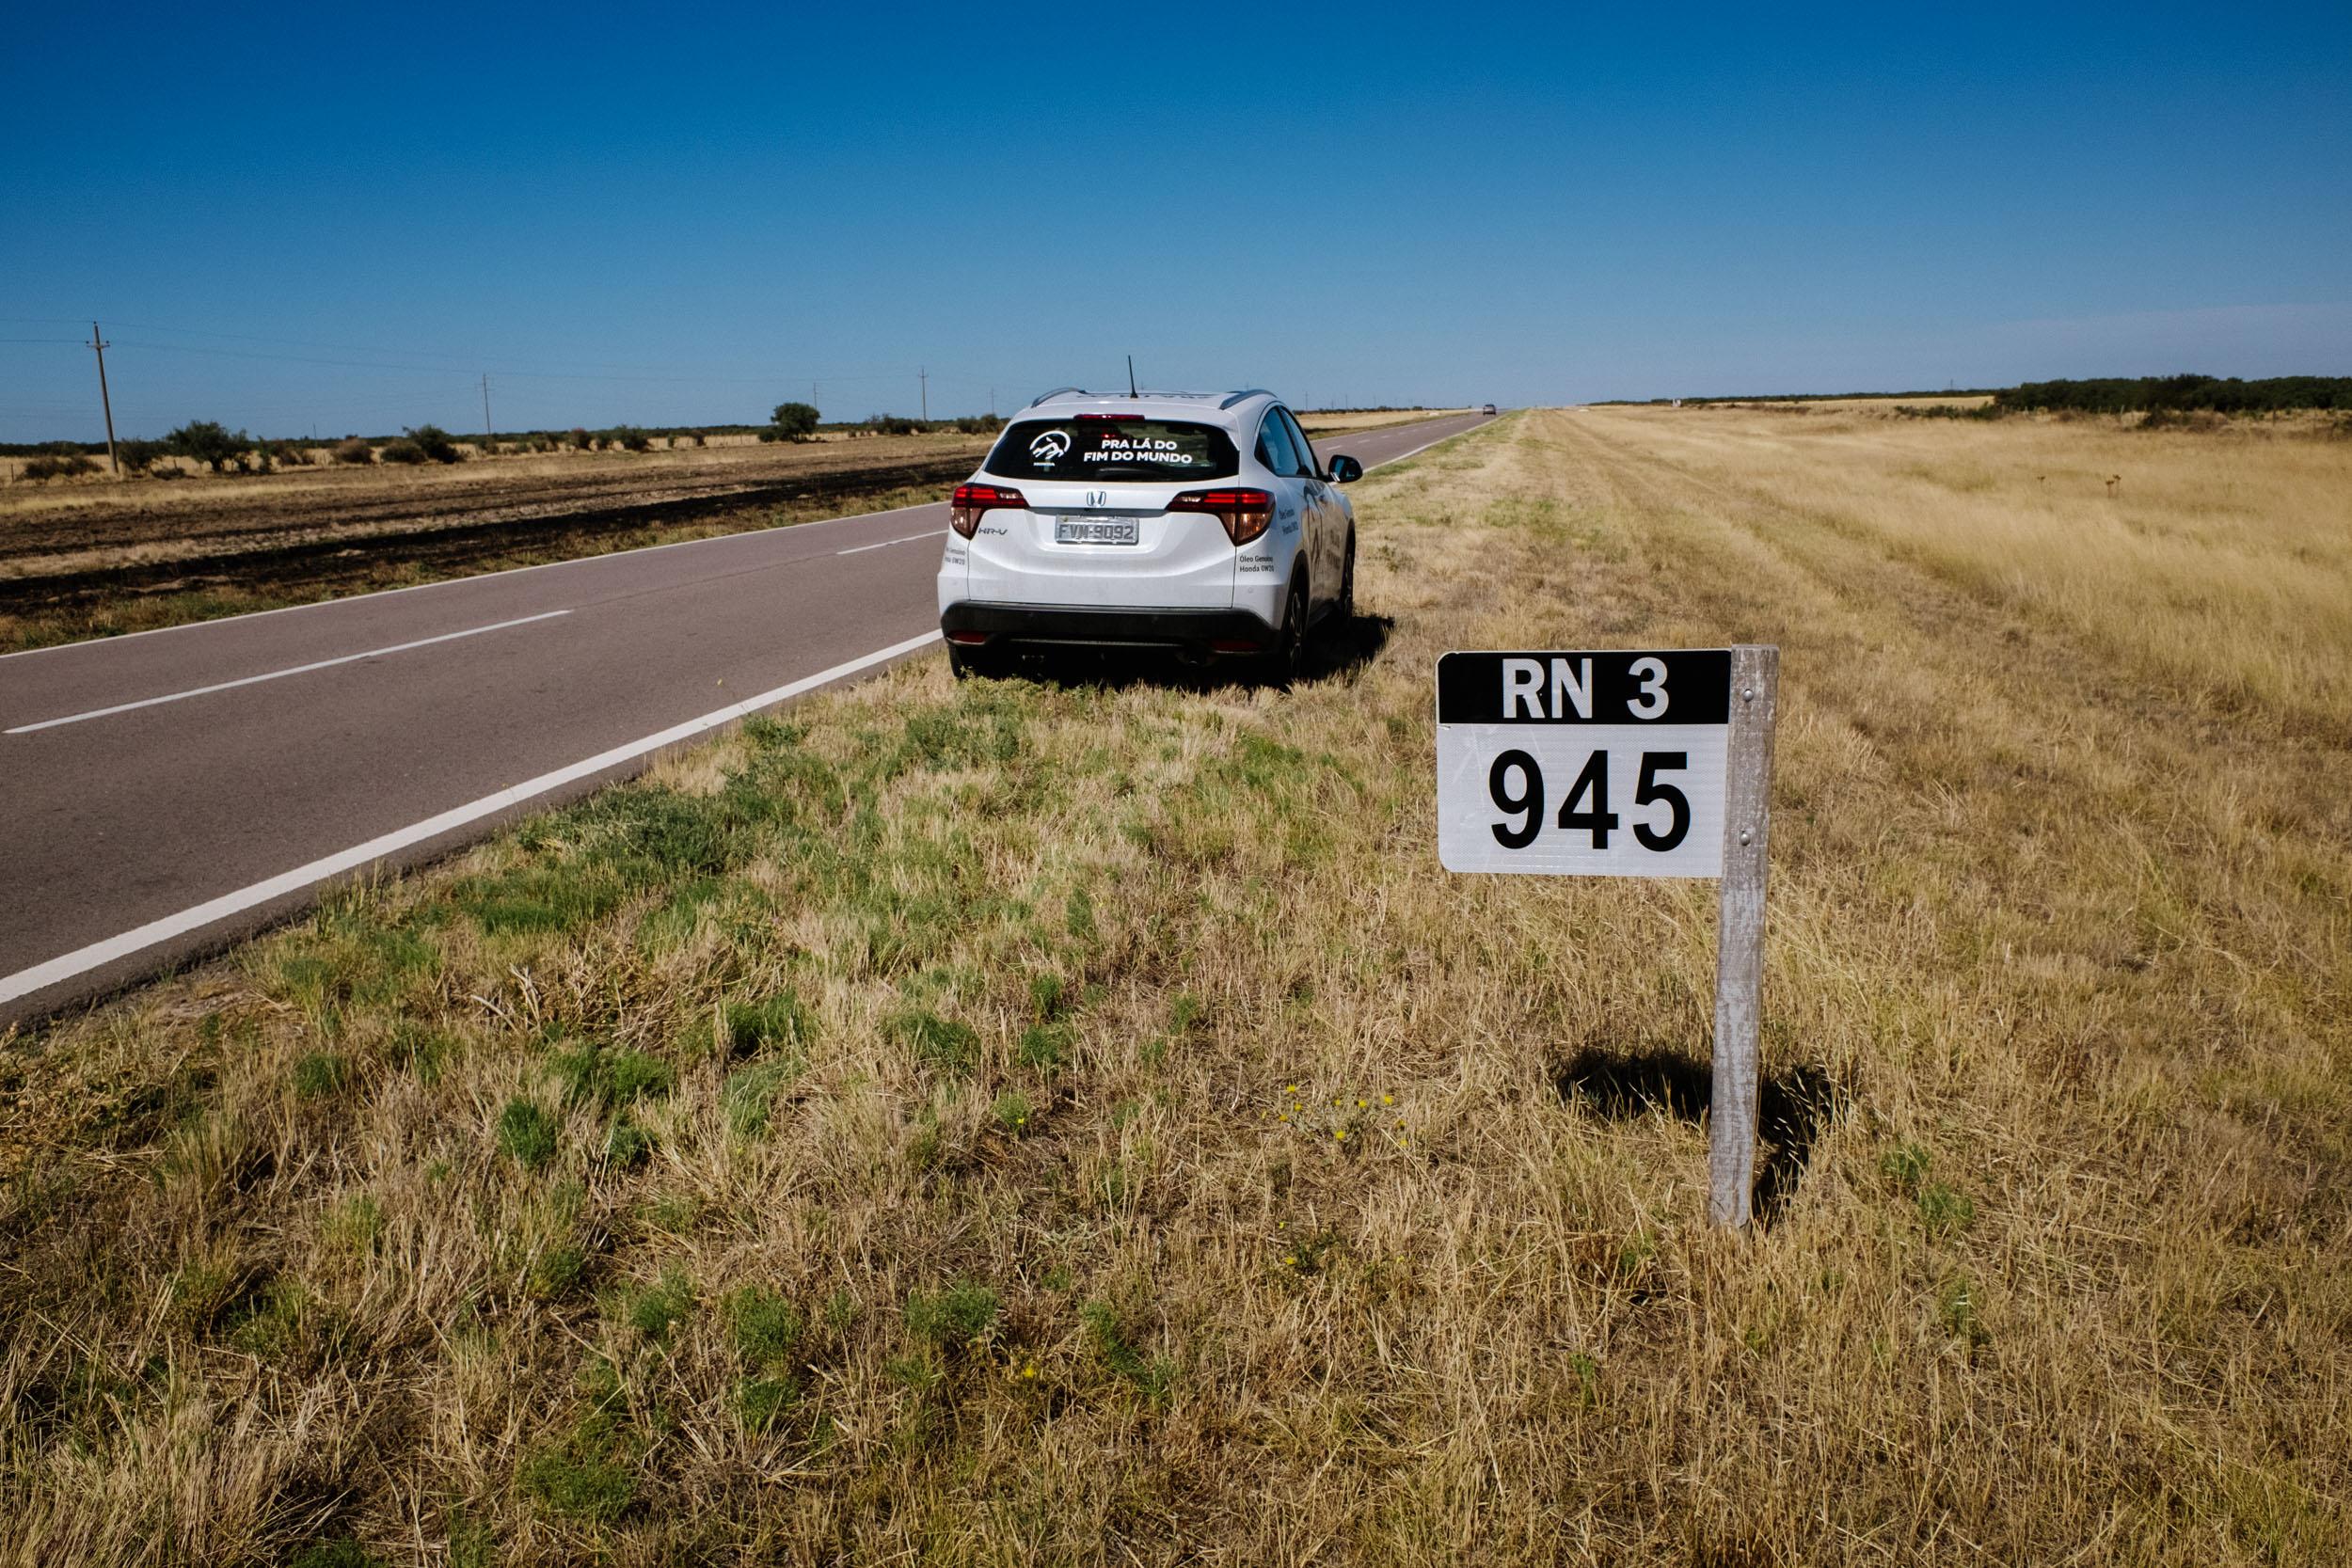 DIÁRIO DE BORDO – Dia 6 – 1.039 km de uma monotonia emocionante